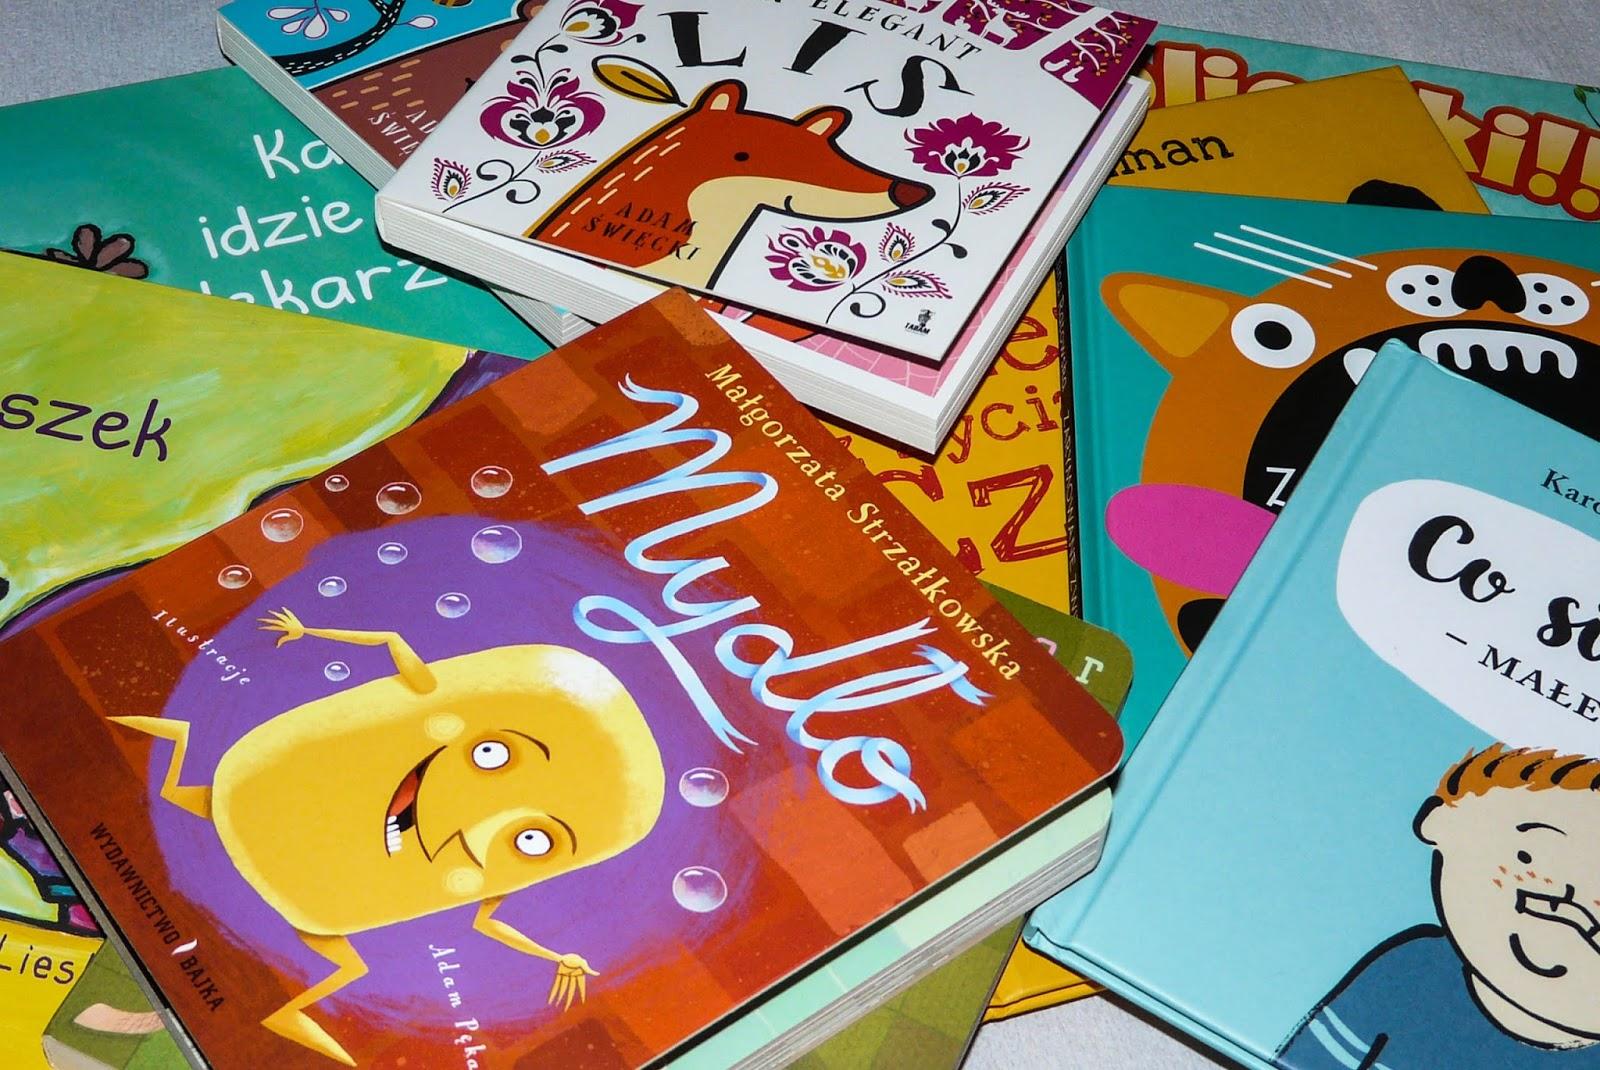 co czytać dwulatkom, książeczki kartonowe, pierwsze komiksy, pierwsze książki dla dzieci